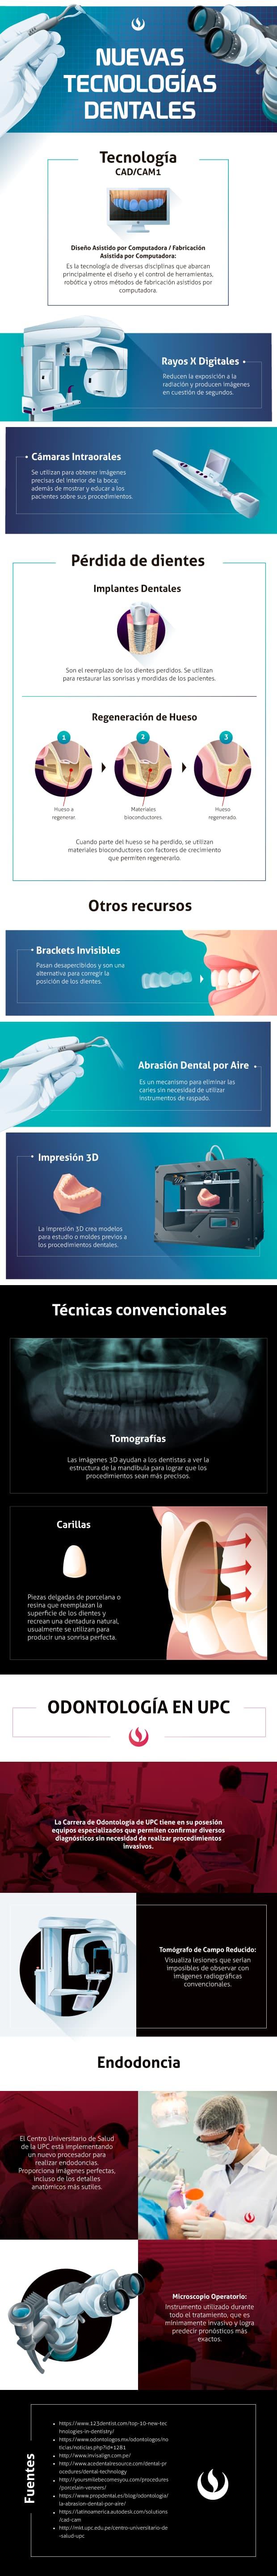 Tendencias tecnologicas en odontologia infografia